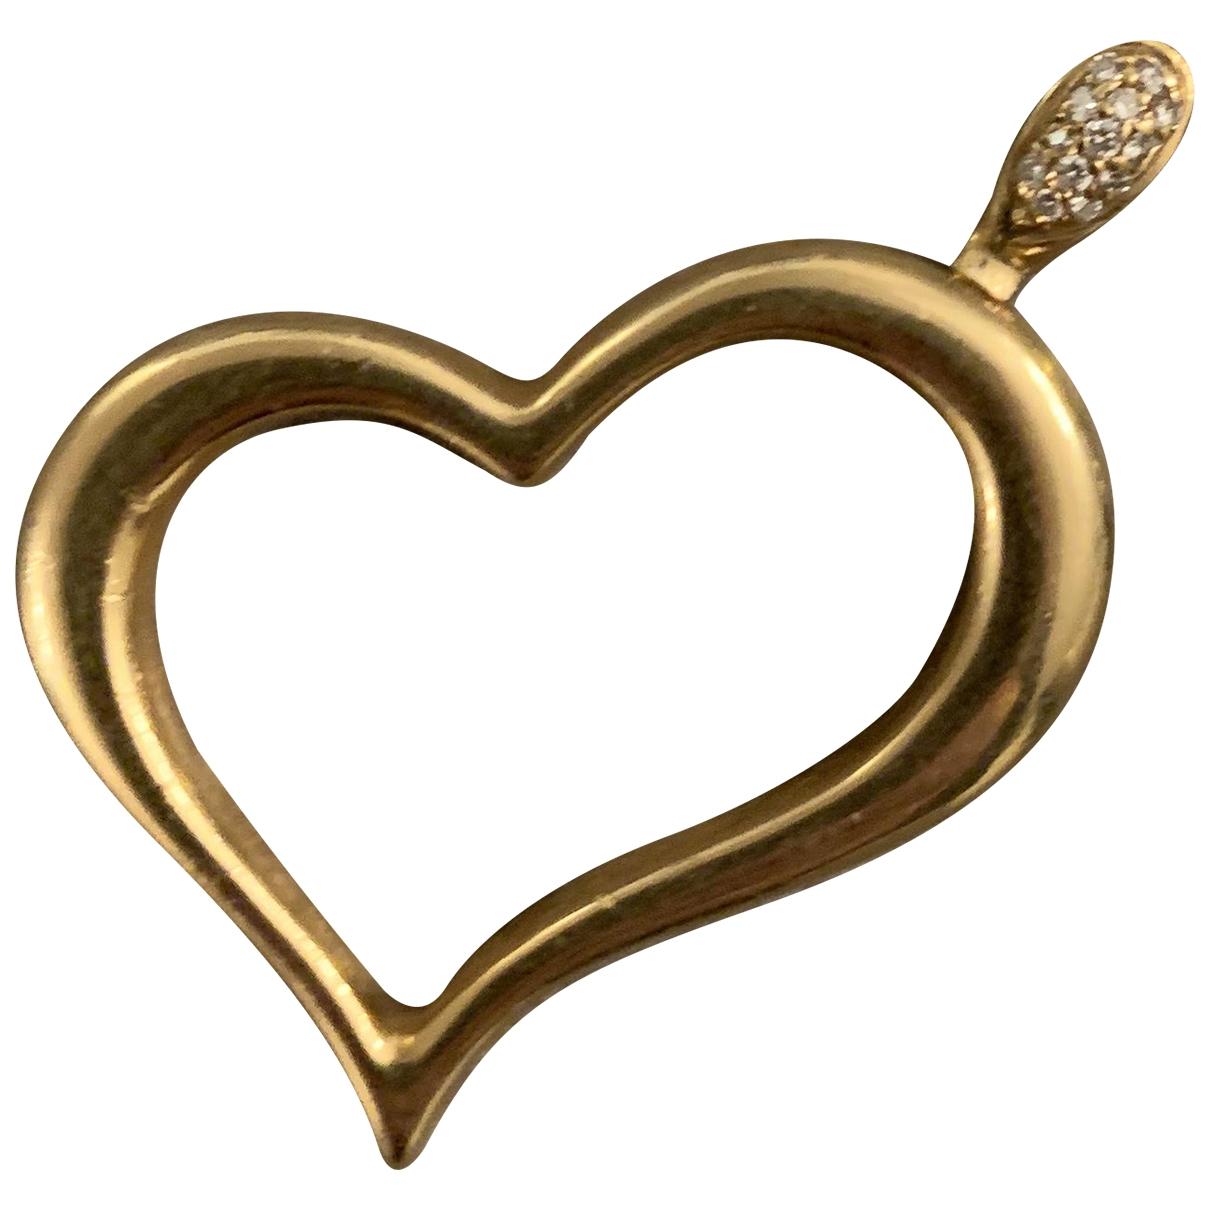 Piaget - Pendentif   pour femme en or jaune - dore